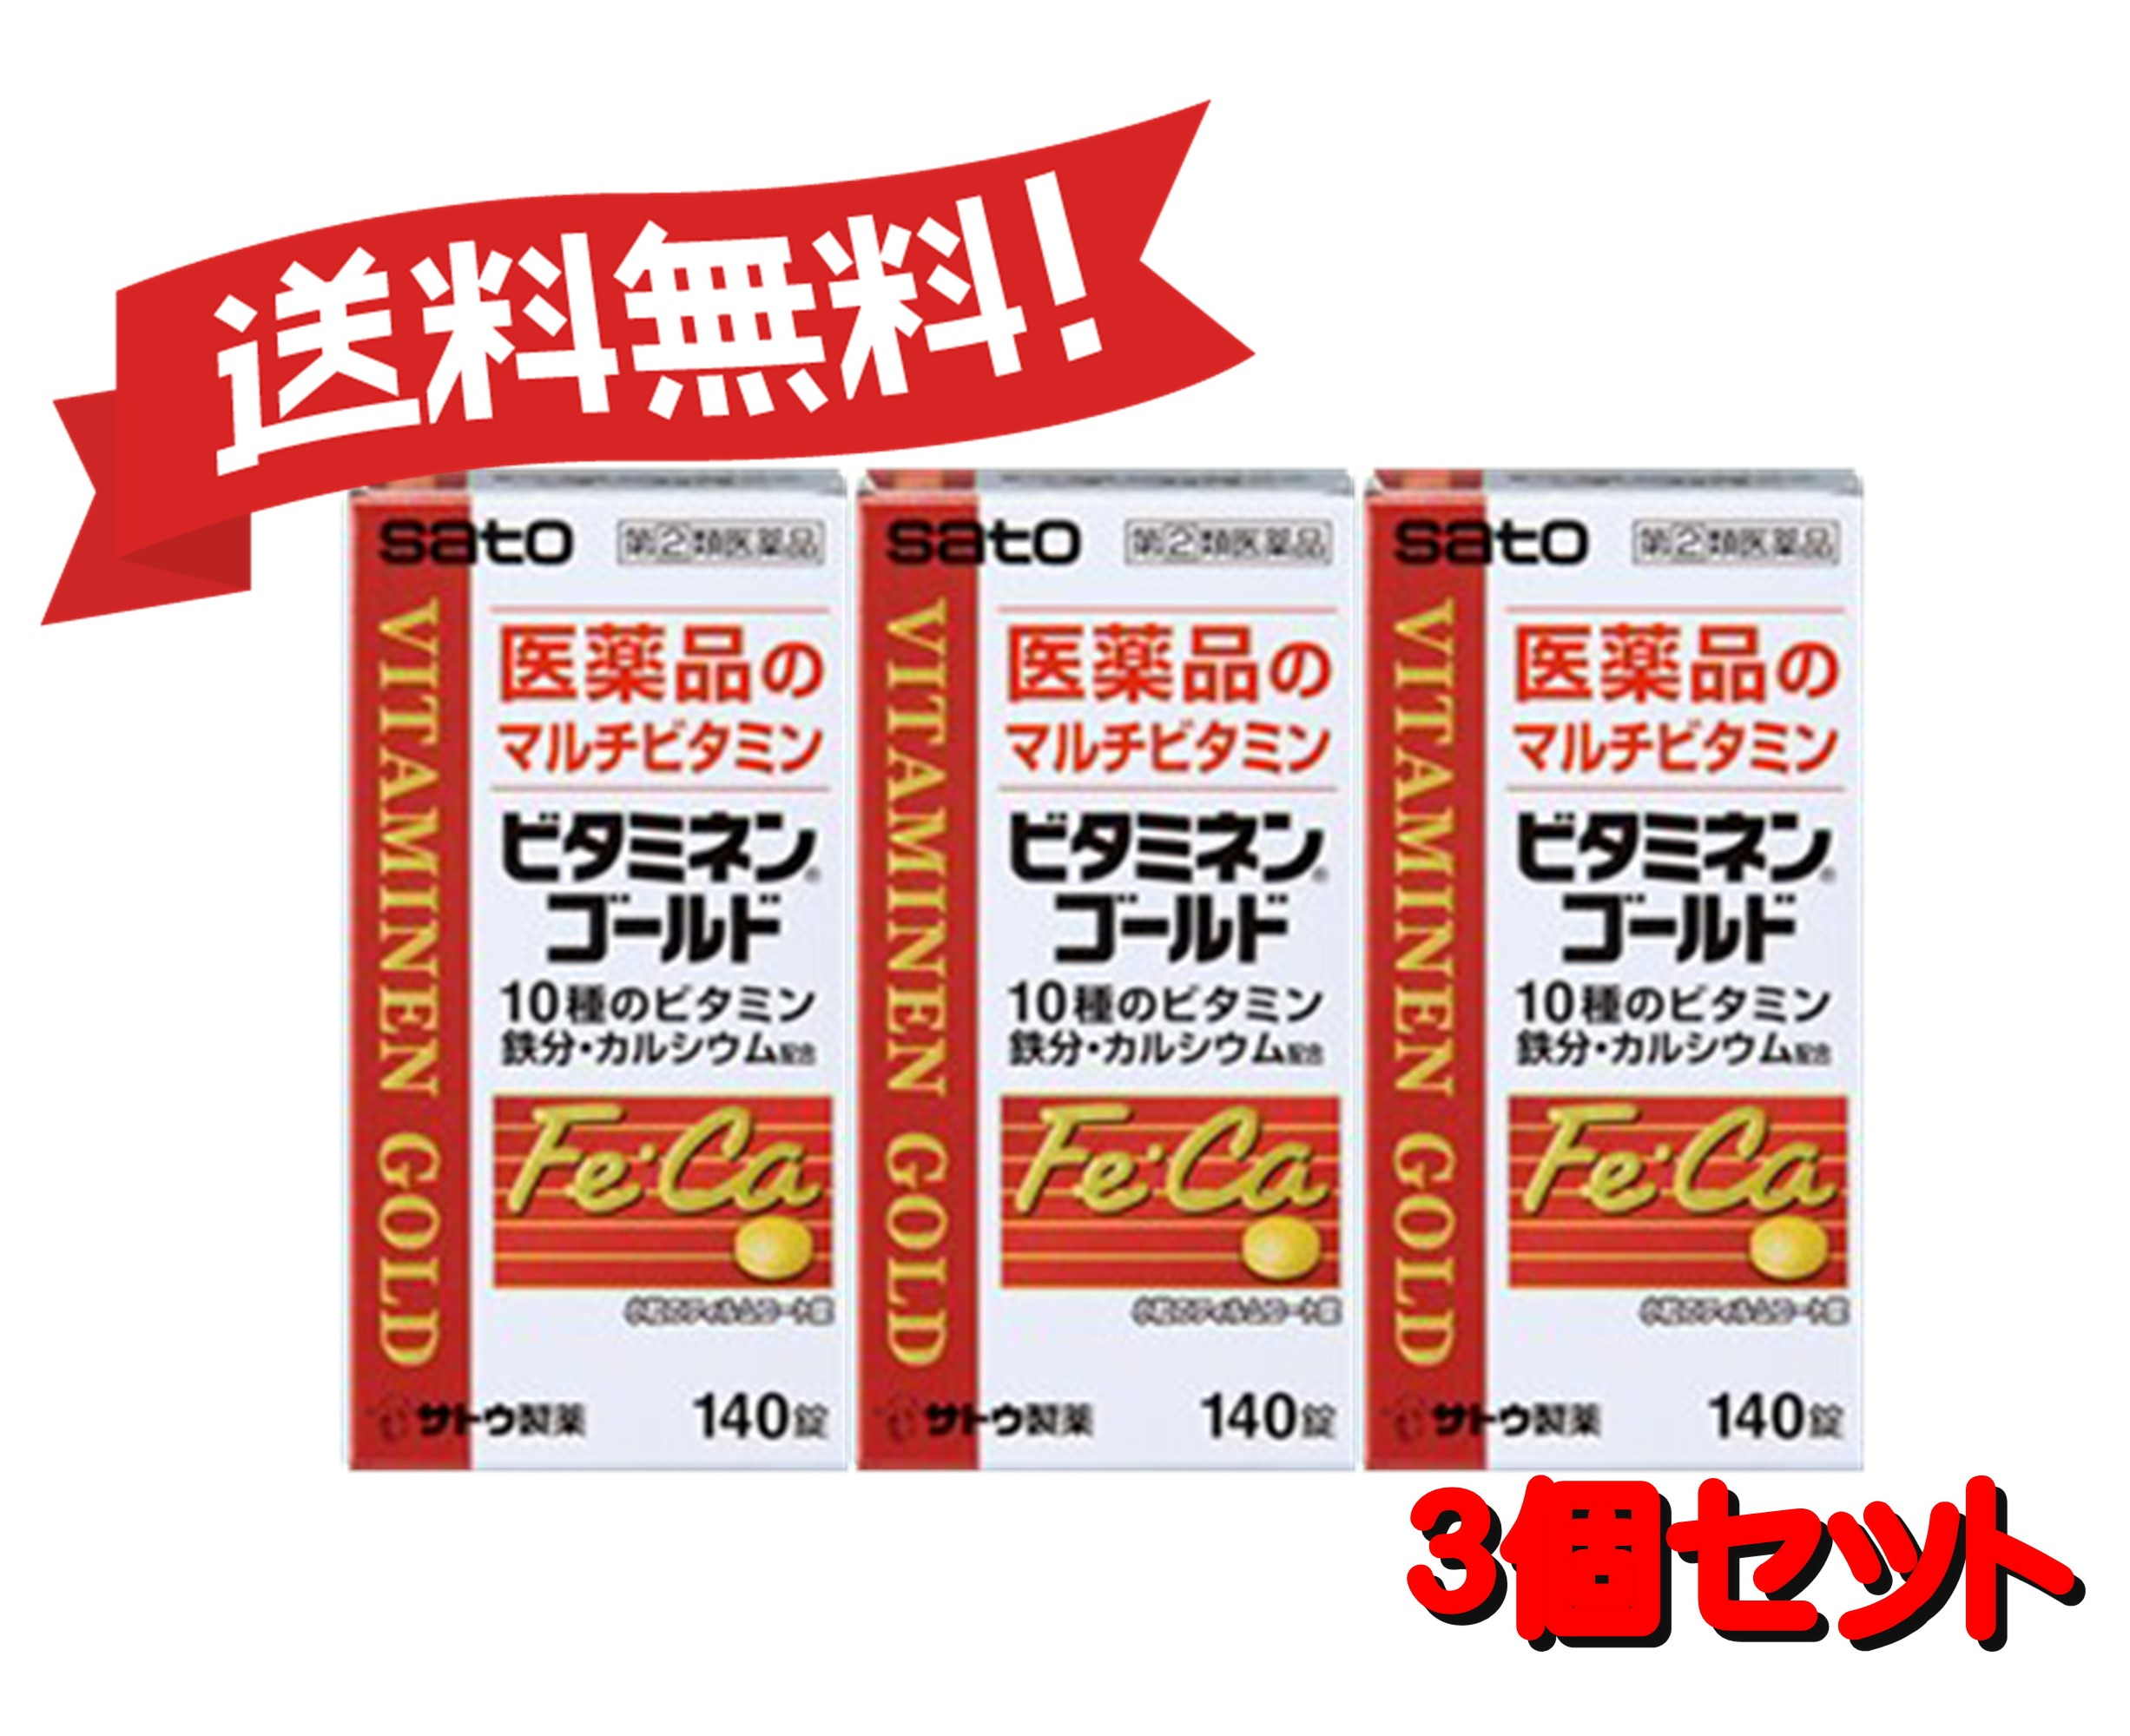 10種のビタミンと鉄 カルシウム配合の総合ビタミン剤 ギフト 送料無料 3個セット ビタミネンゴールド 指定第2類医薬品 4987316024592-3 お中元 140錠